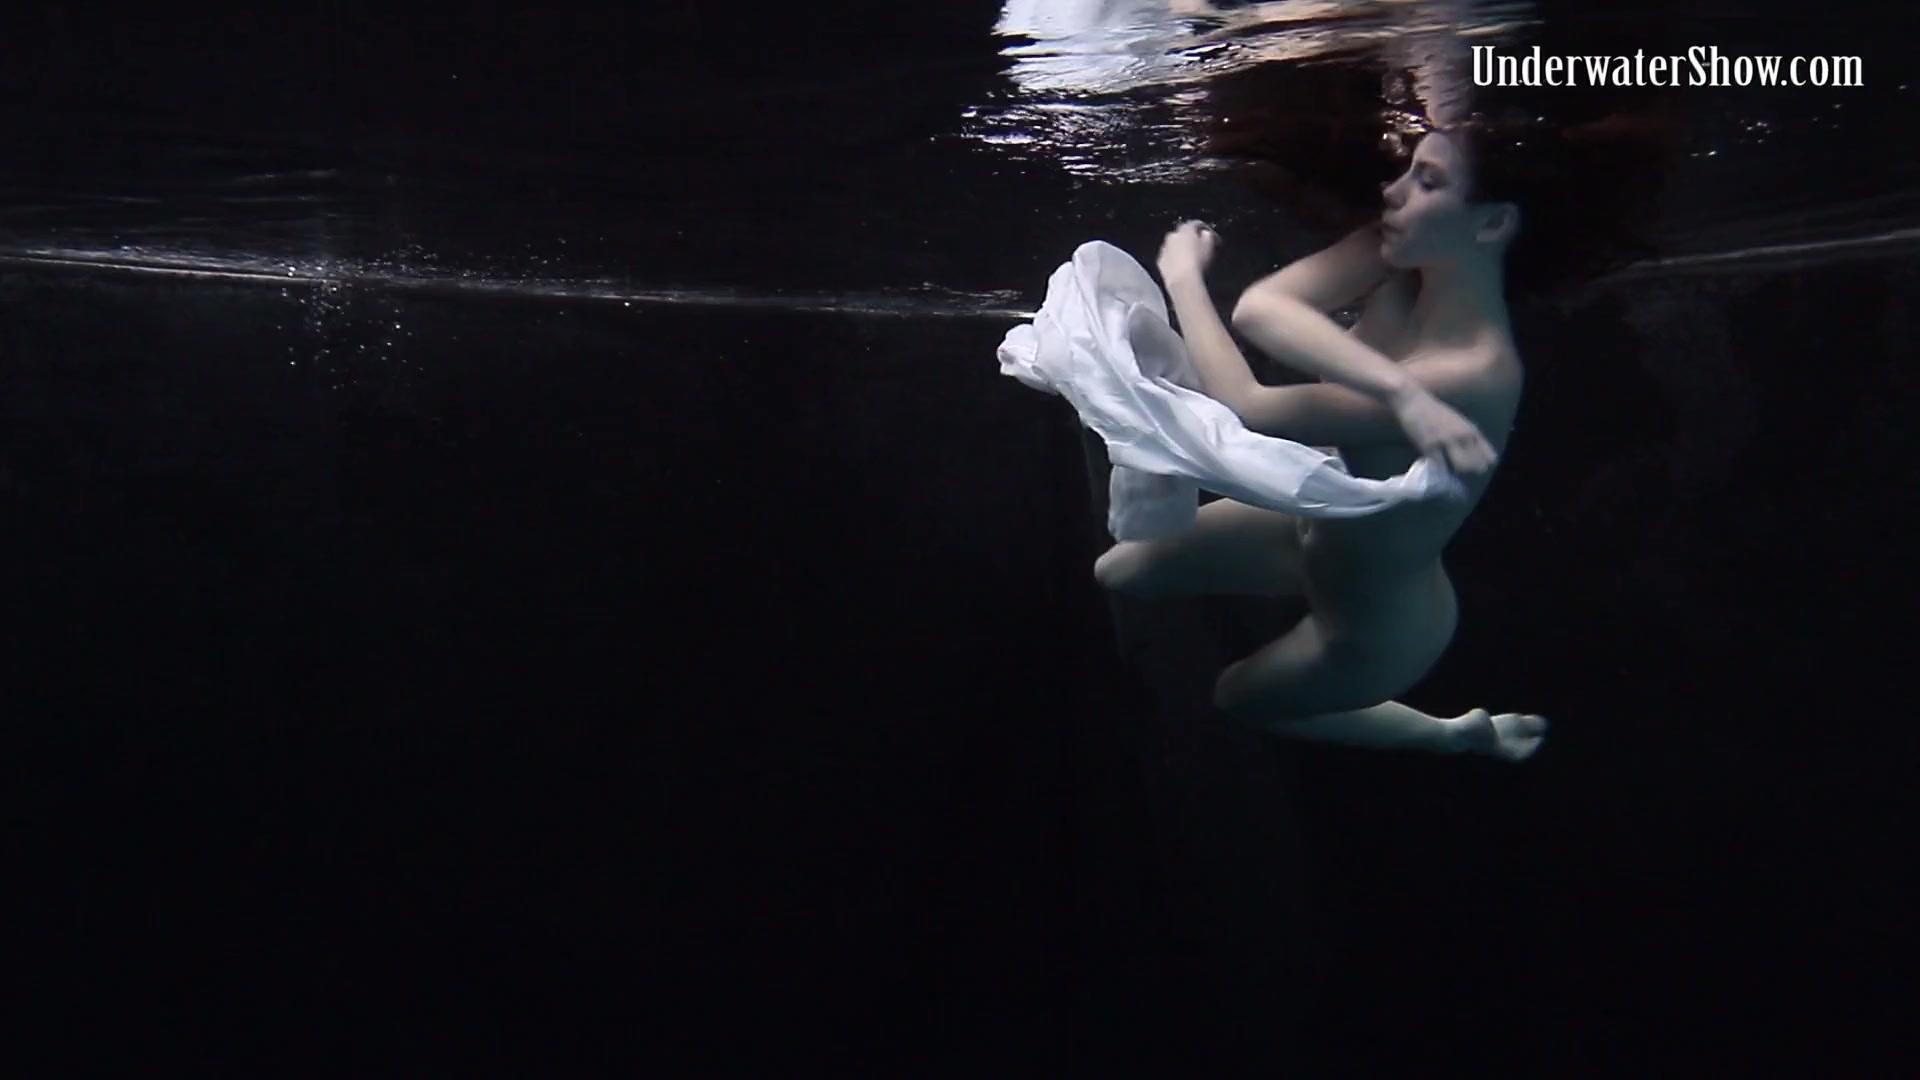 Леди плавает голая под водой